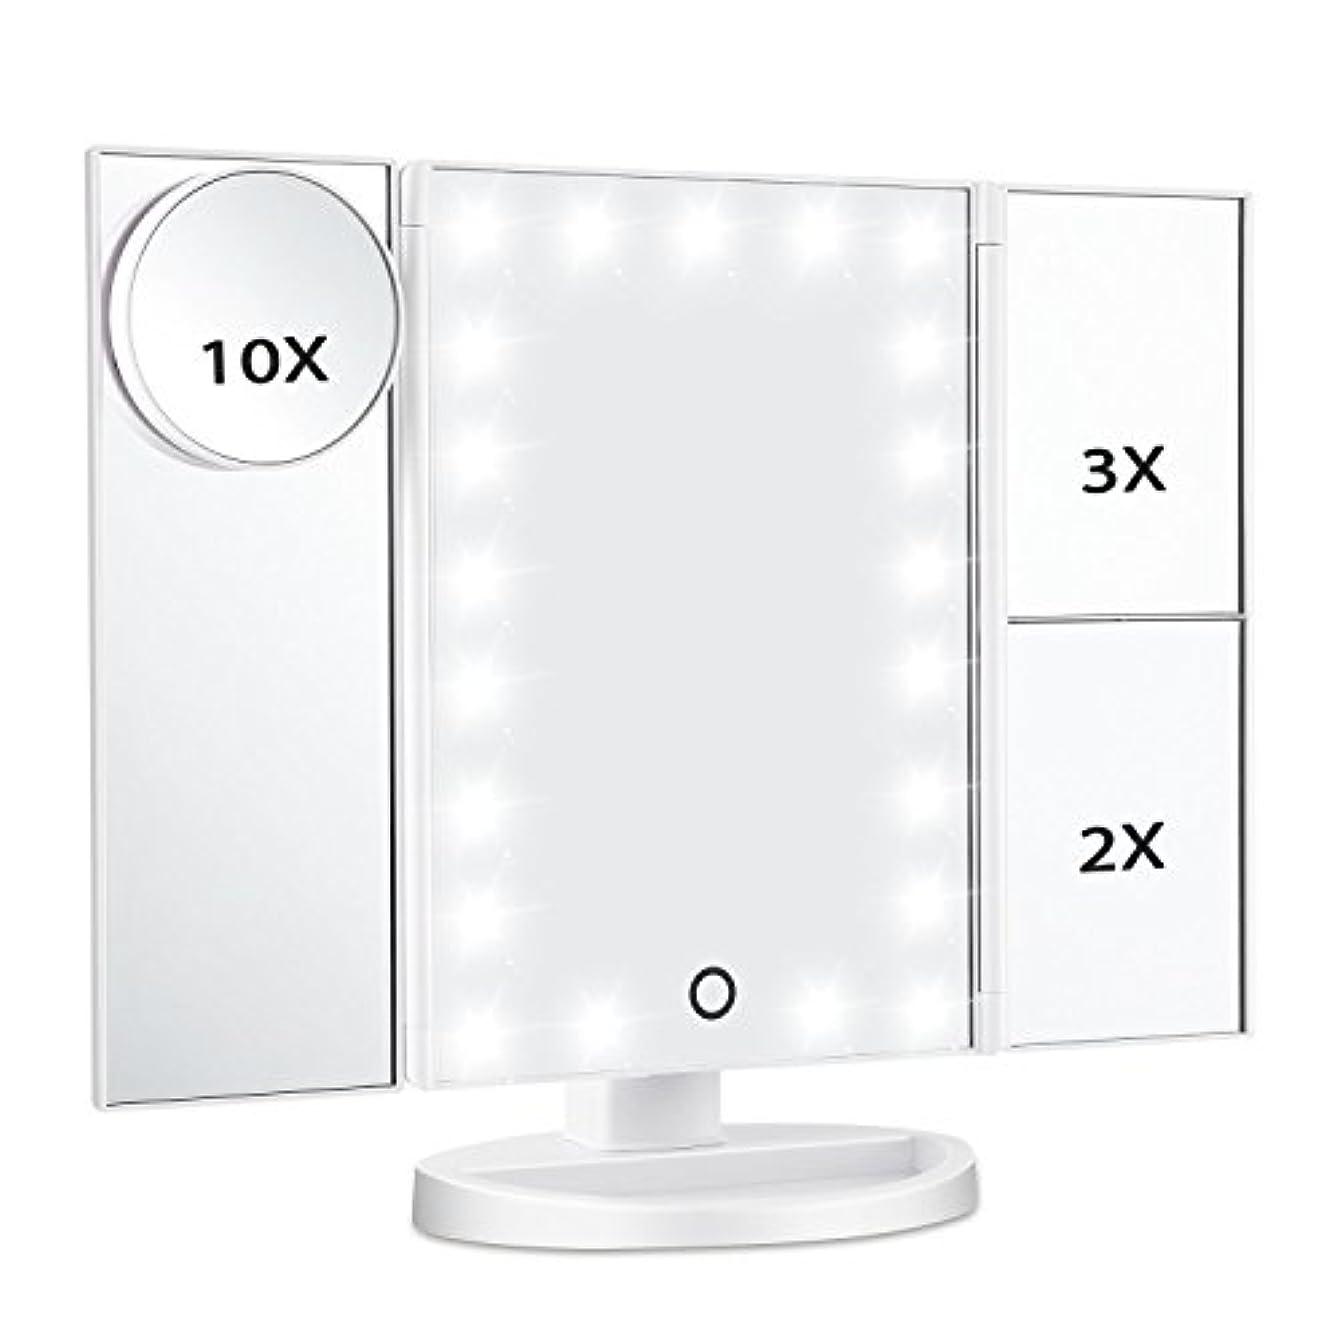 プレゼンテーションペインコメンテーターMagicfly 化粧鏡 LED三面鏡 ミラー 折り畳み式 10X /3X/2X拡大鏡付き 明るさ調節可能180°回転 電池/USB 2WAY給電(ホワイト)